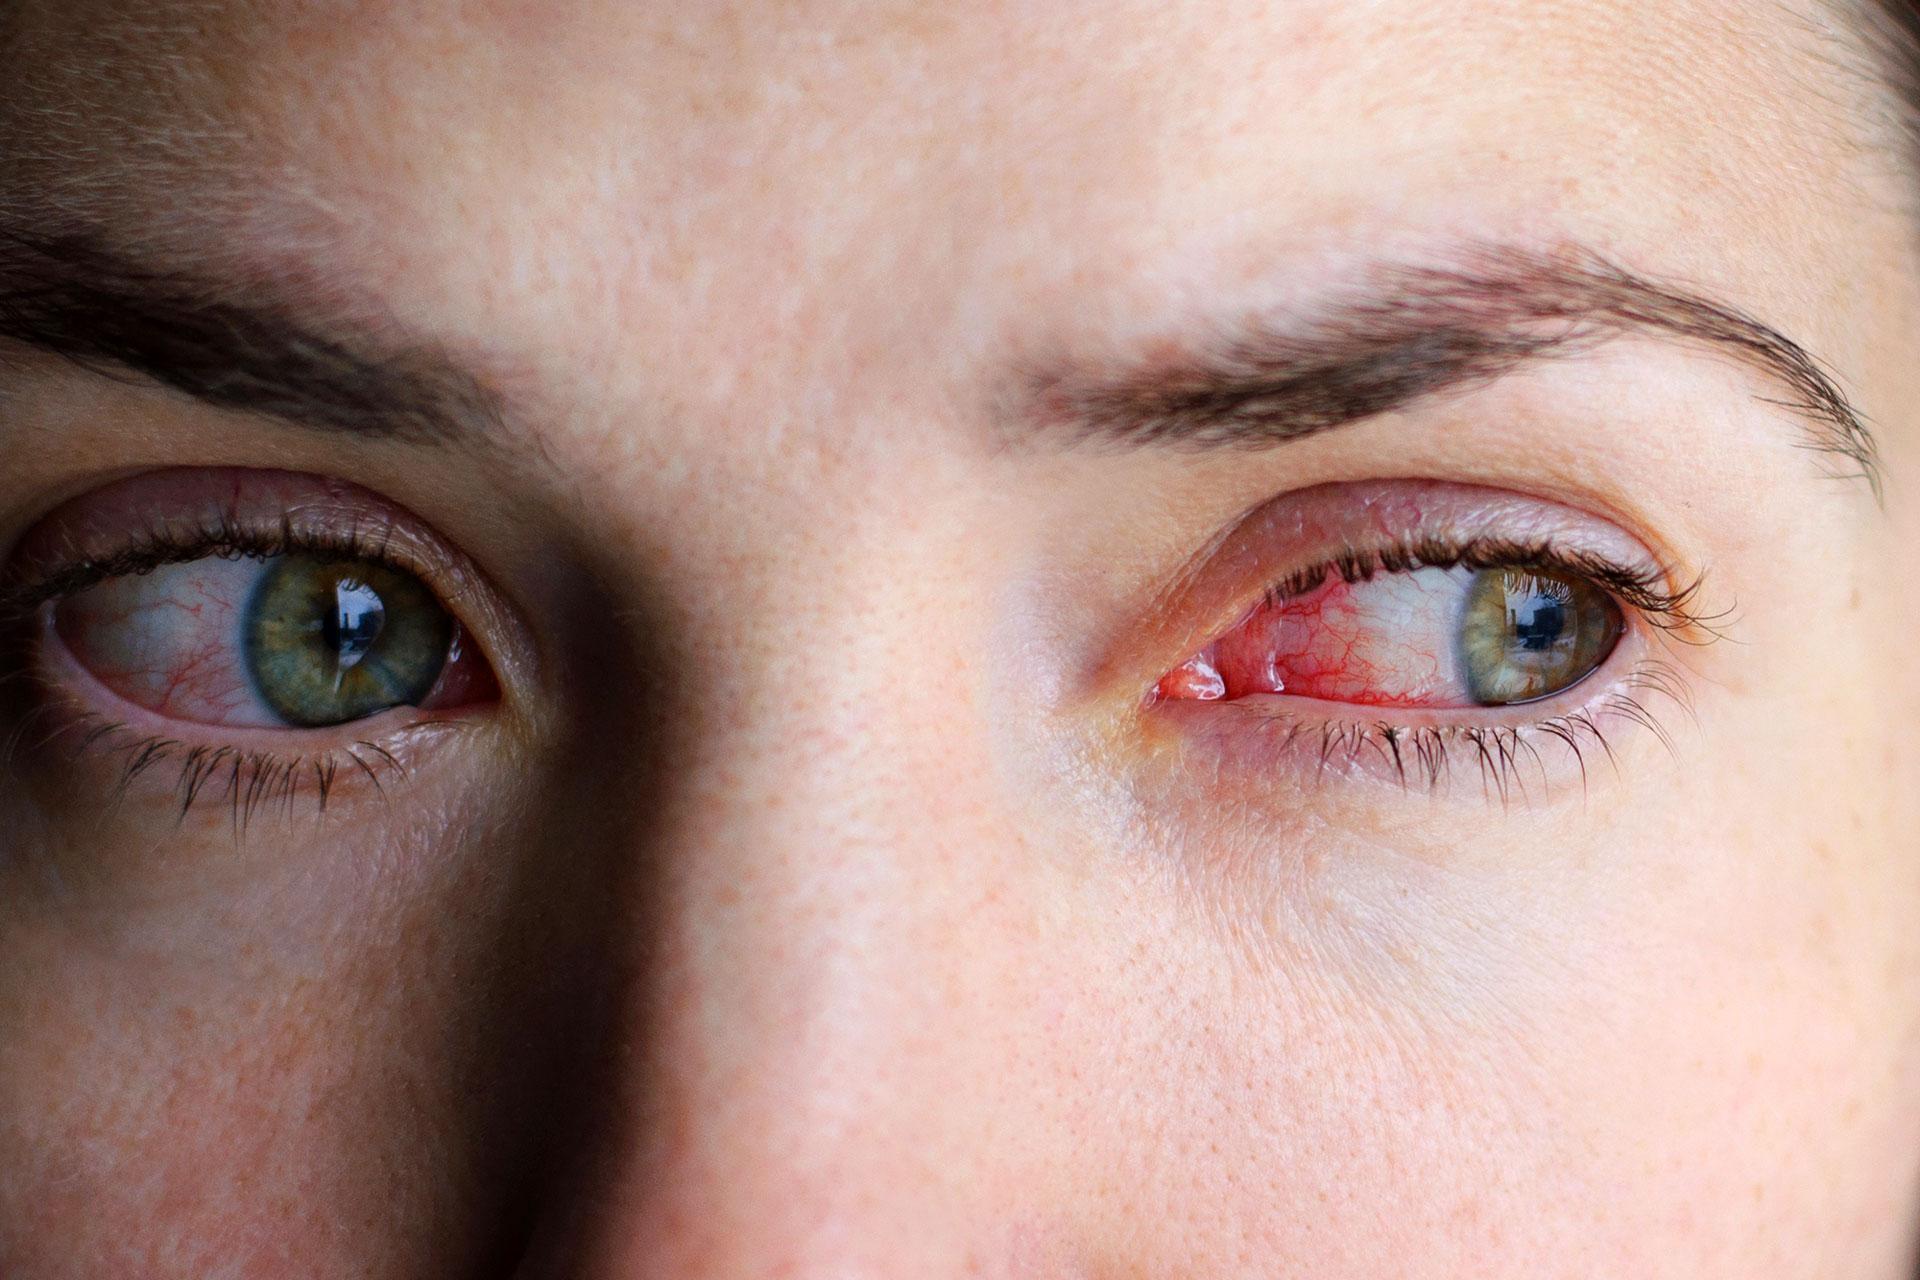 hogyan lehet eltávolítani a szem vörös foltját pikkelysömör tüneteinek kezelési módszerei